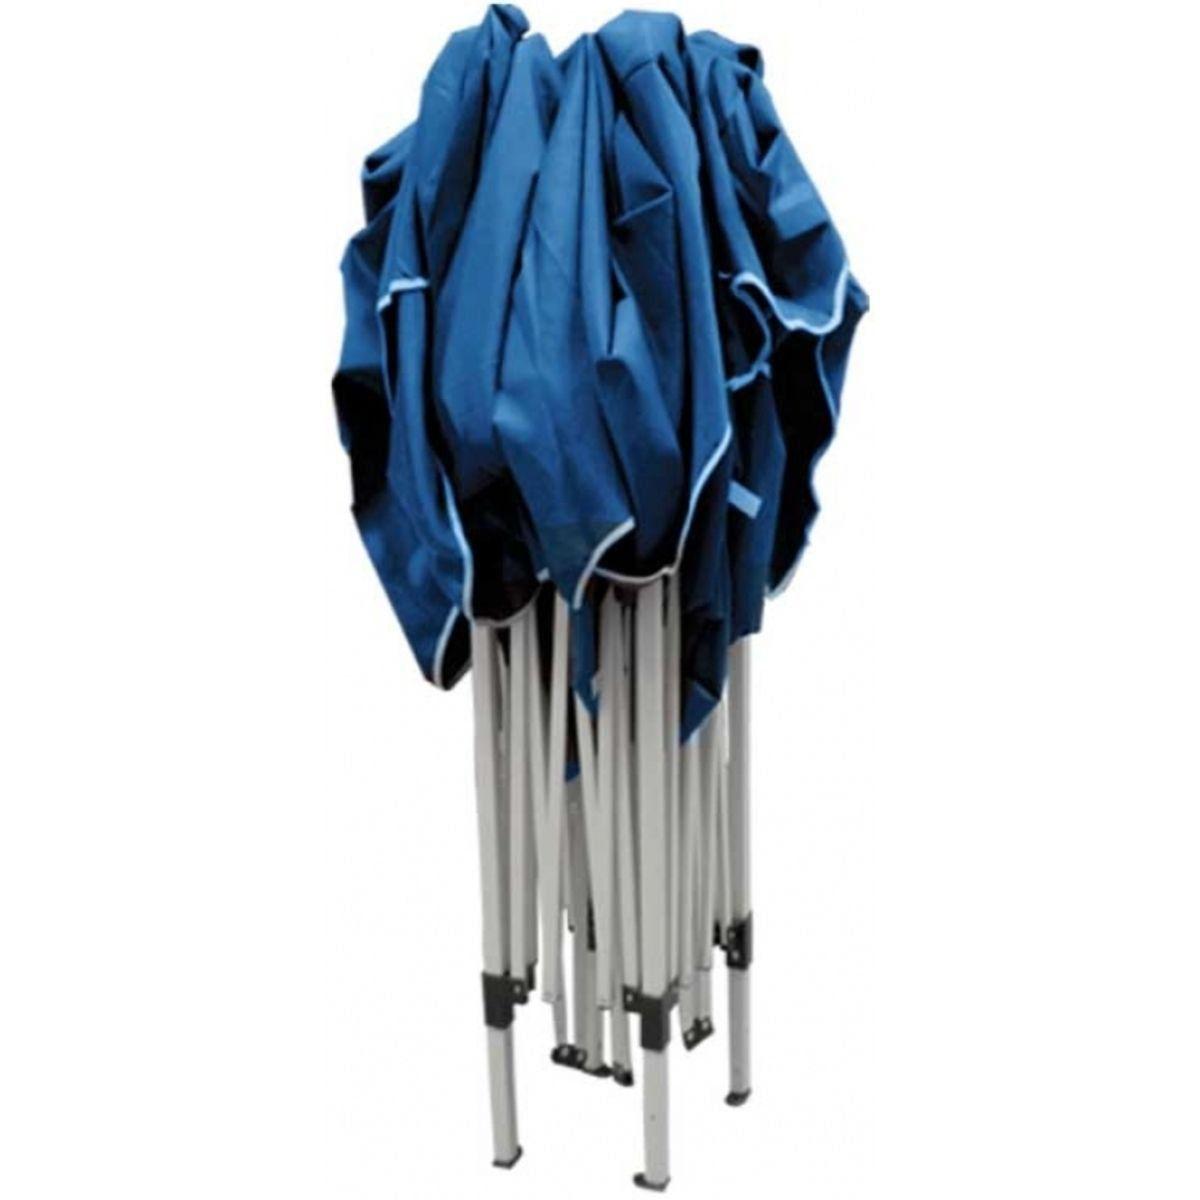 Tenda Gazebo Articulado Pratiko 60 FPS Guepardo BG0102